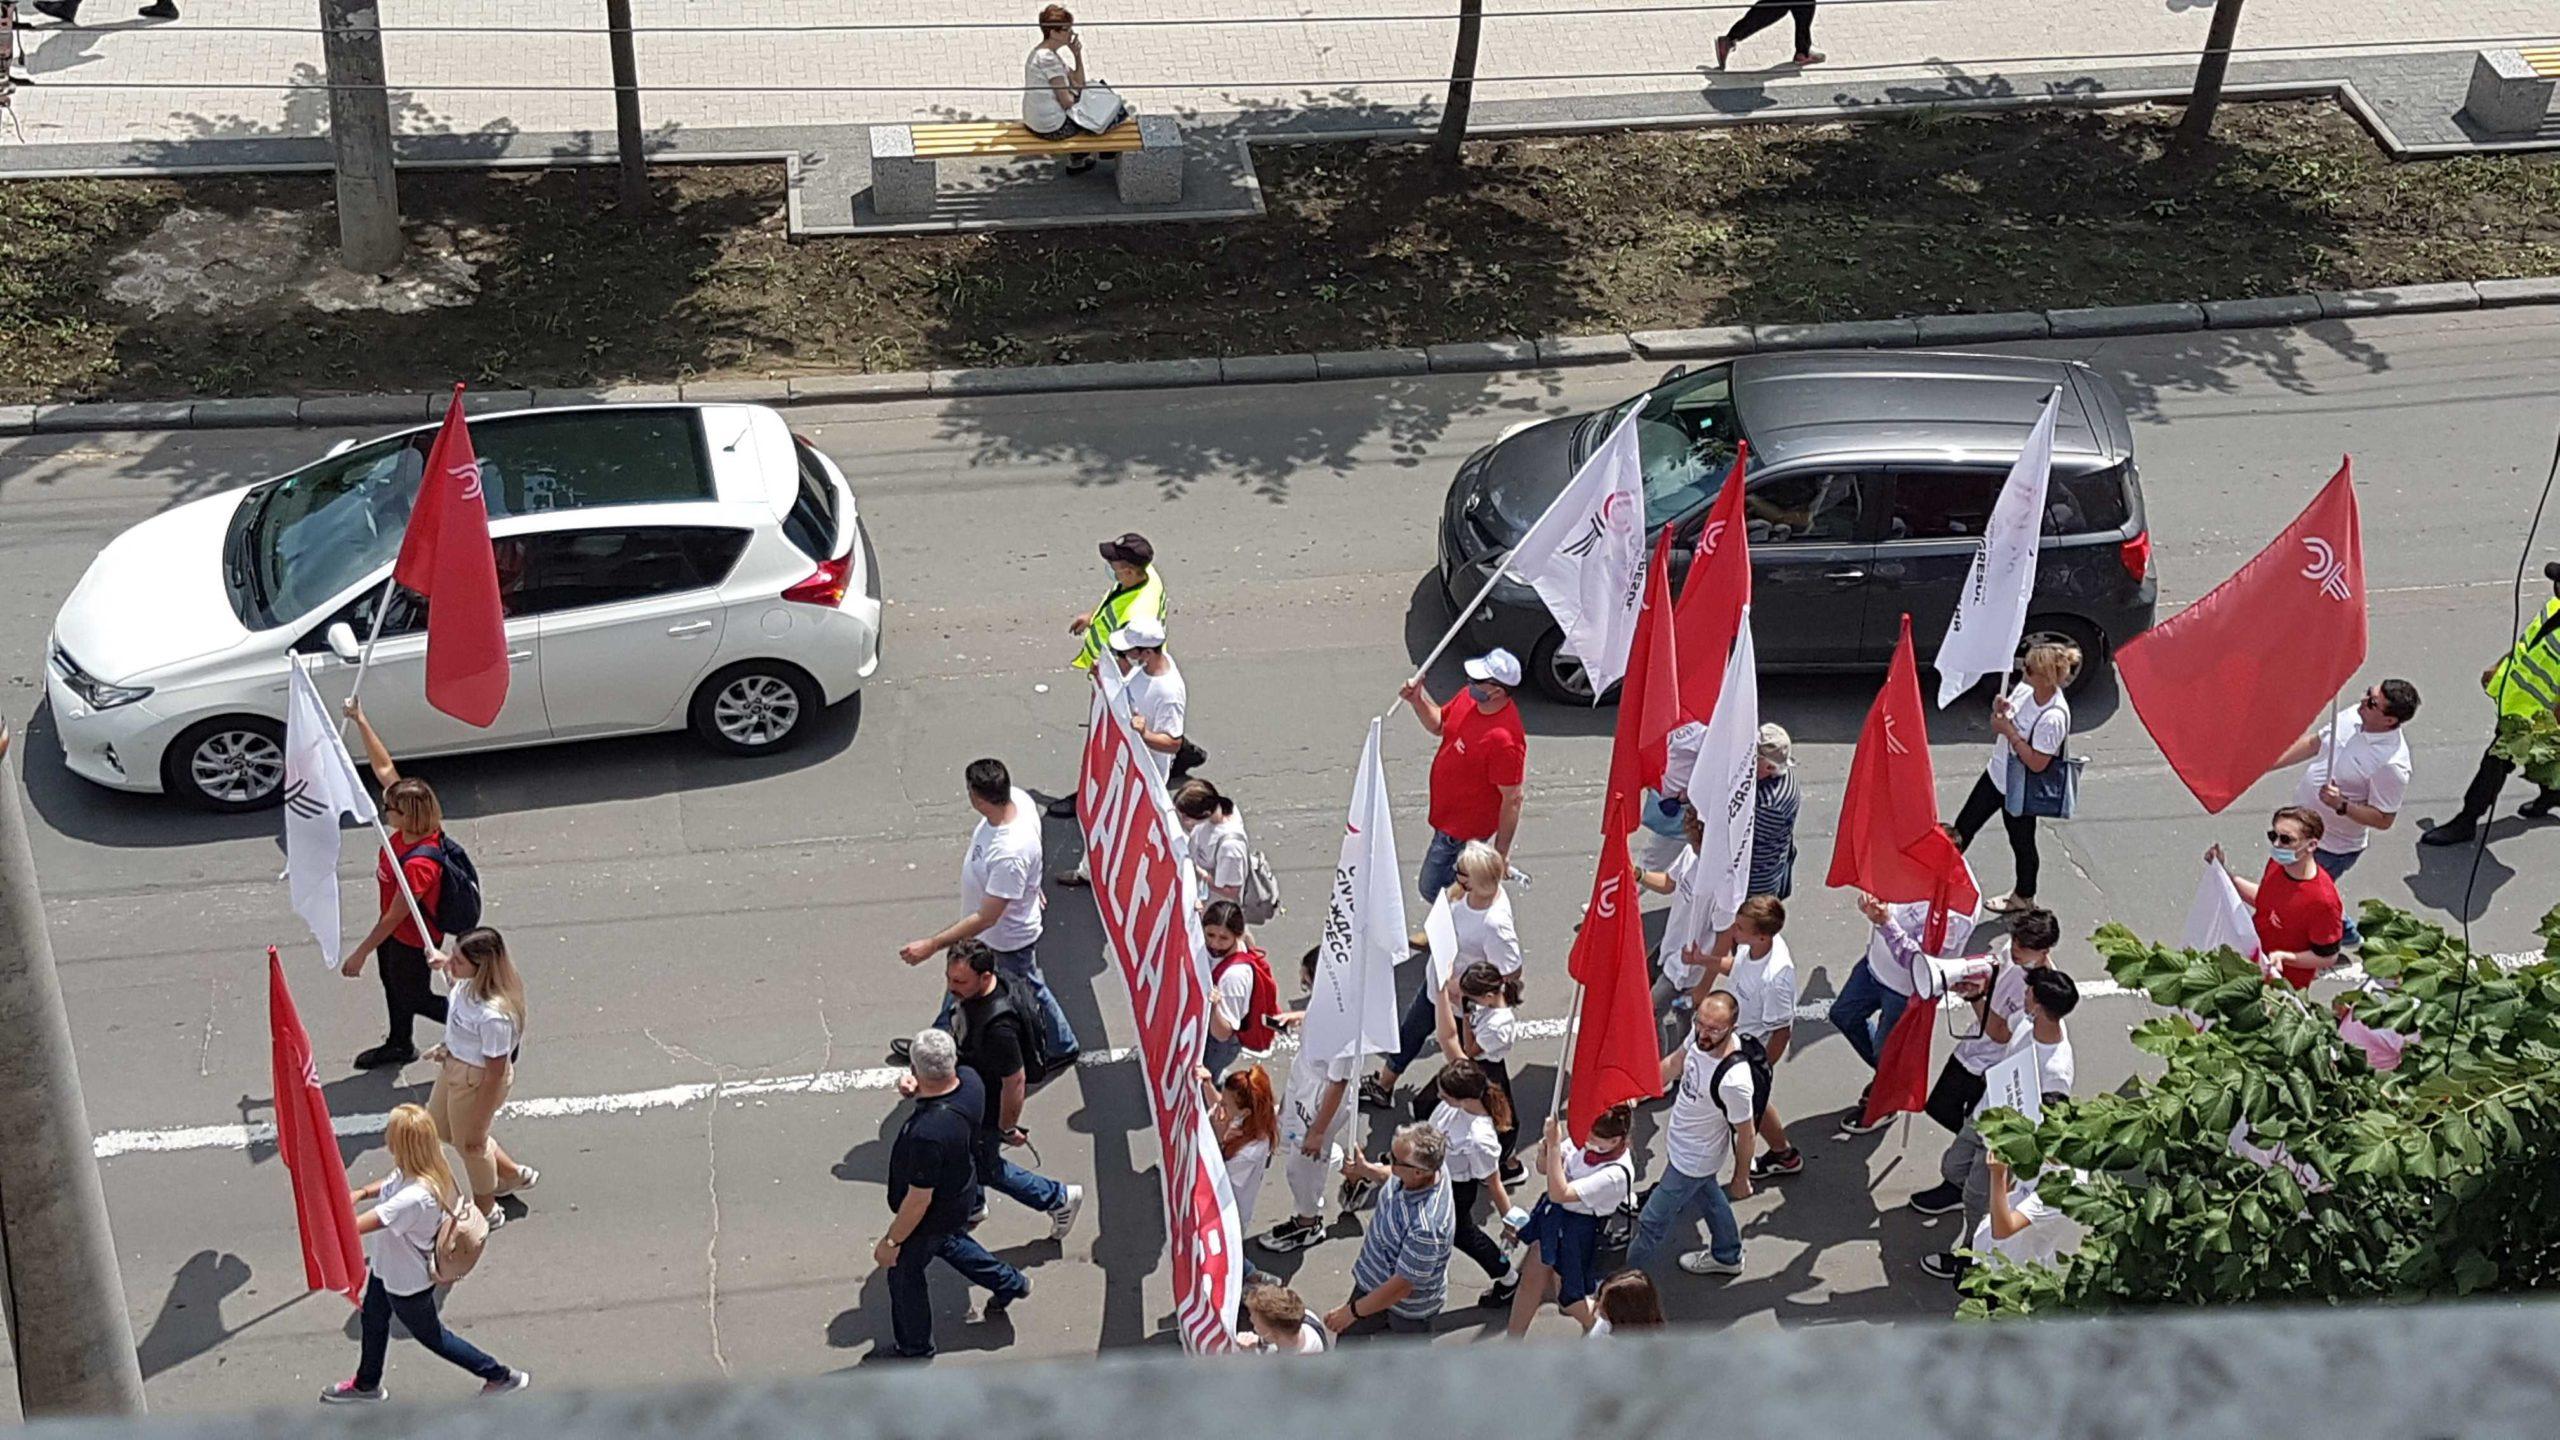 ВКишиневе прошел марш «Гражданского конгресса» (ВИДЕО/ФОТО)